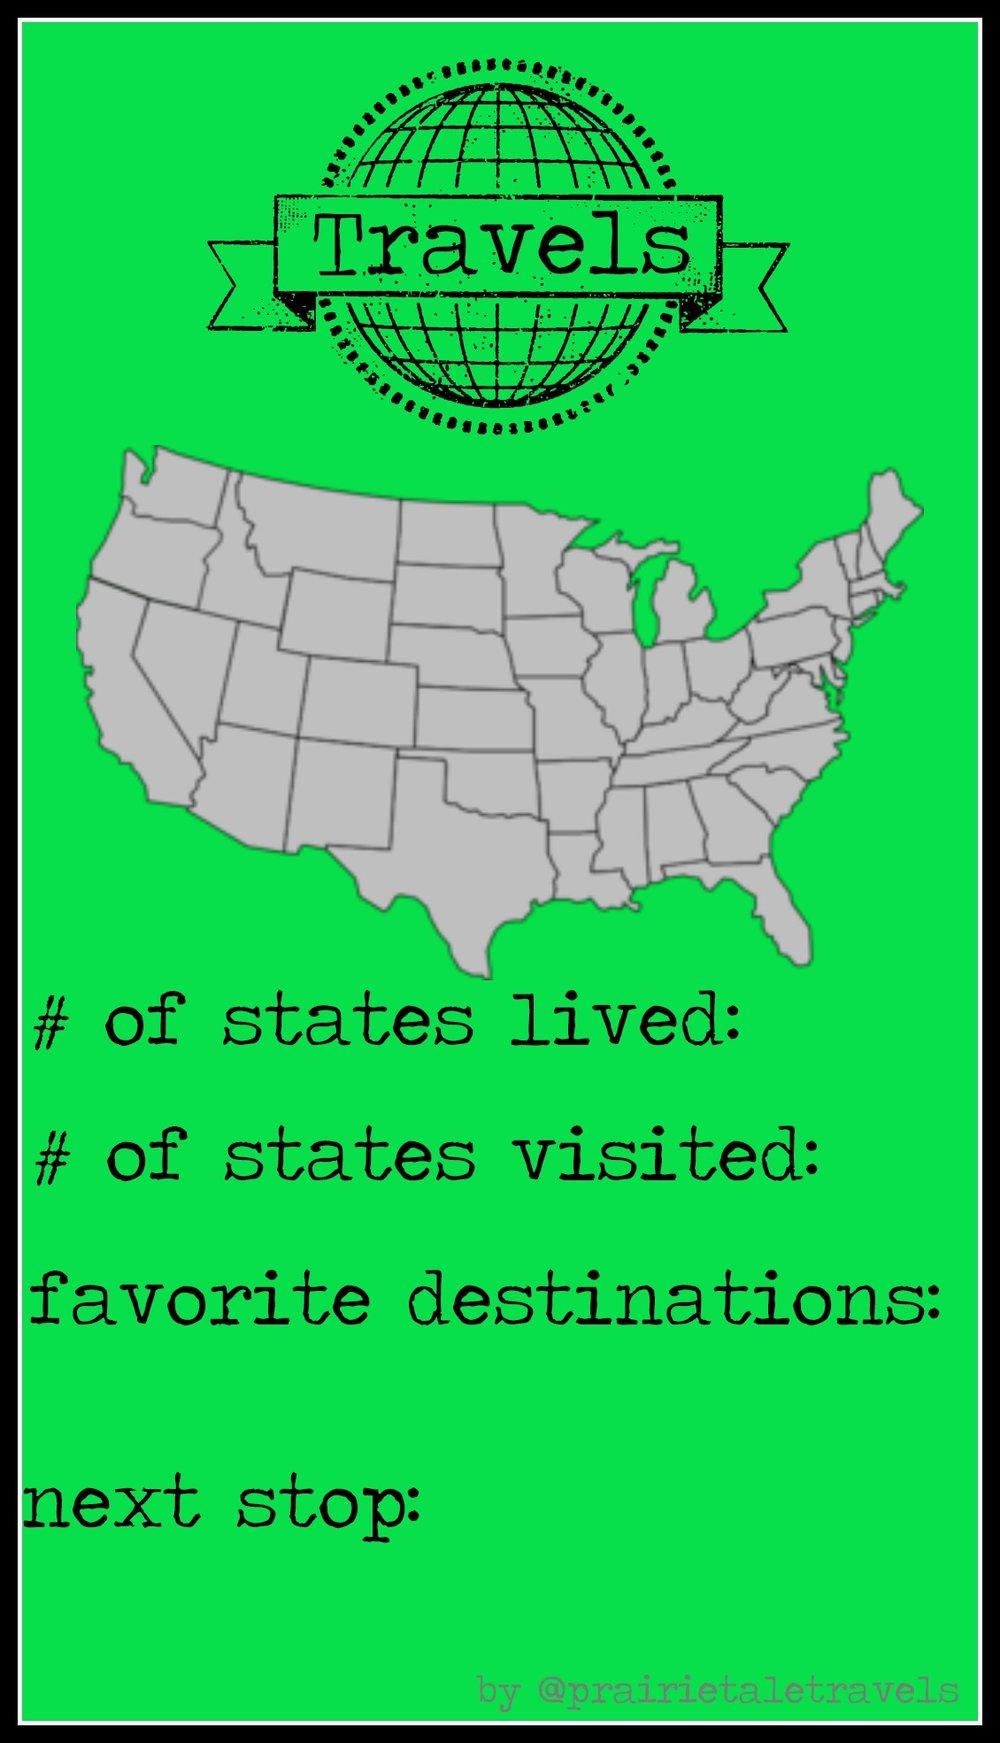 Travels 2